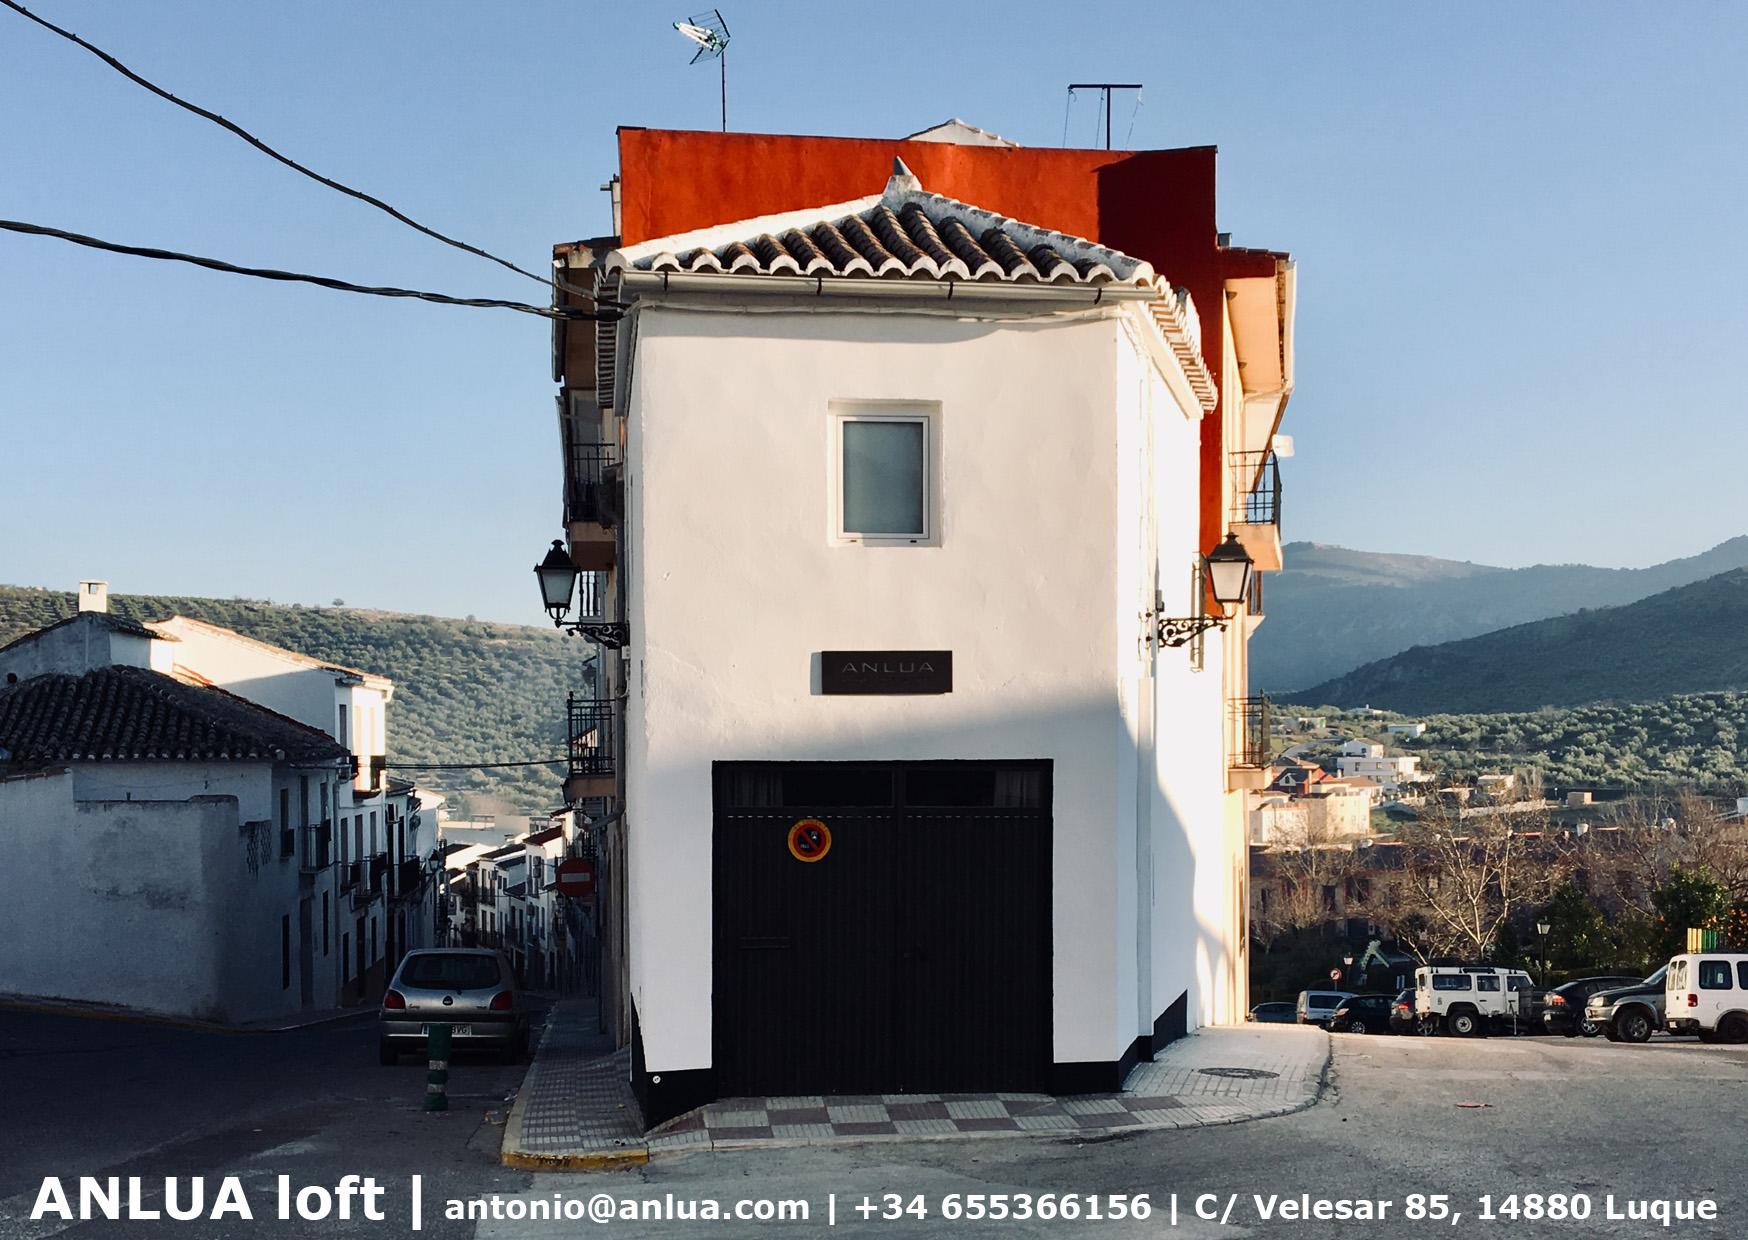 ANLUA loft